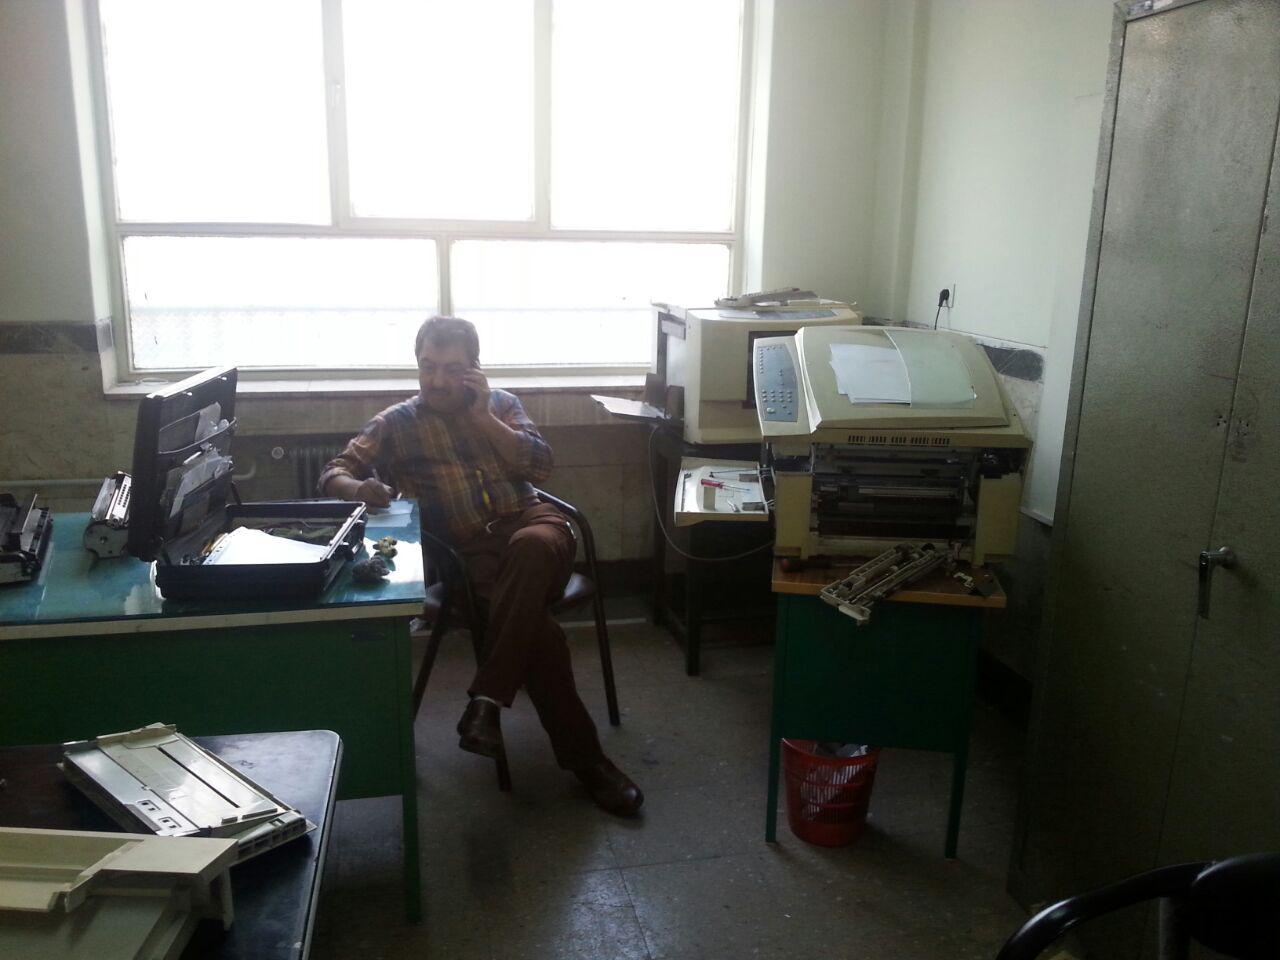 دستگاه کپی دبیرستان تعمیر شد.